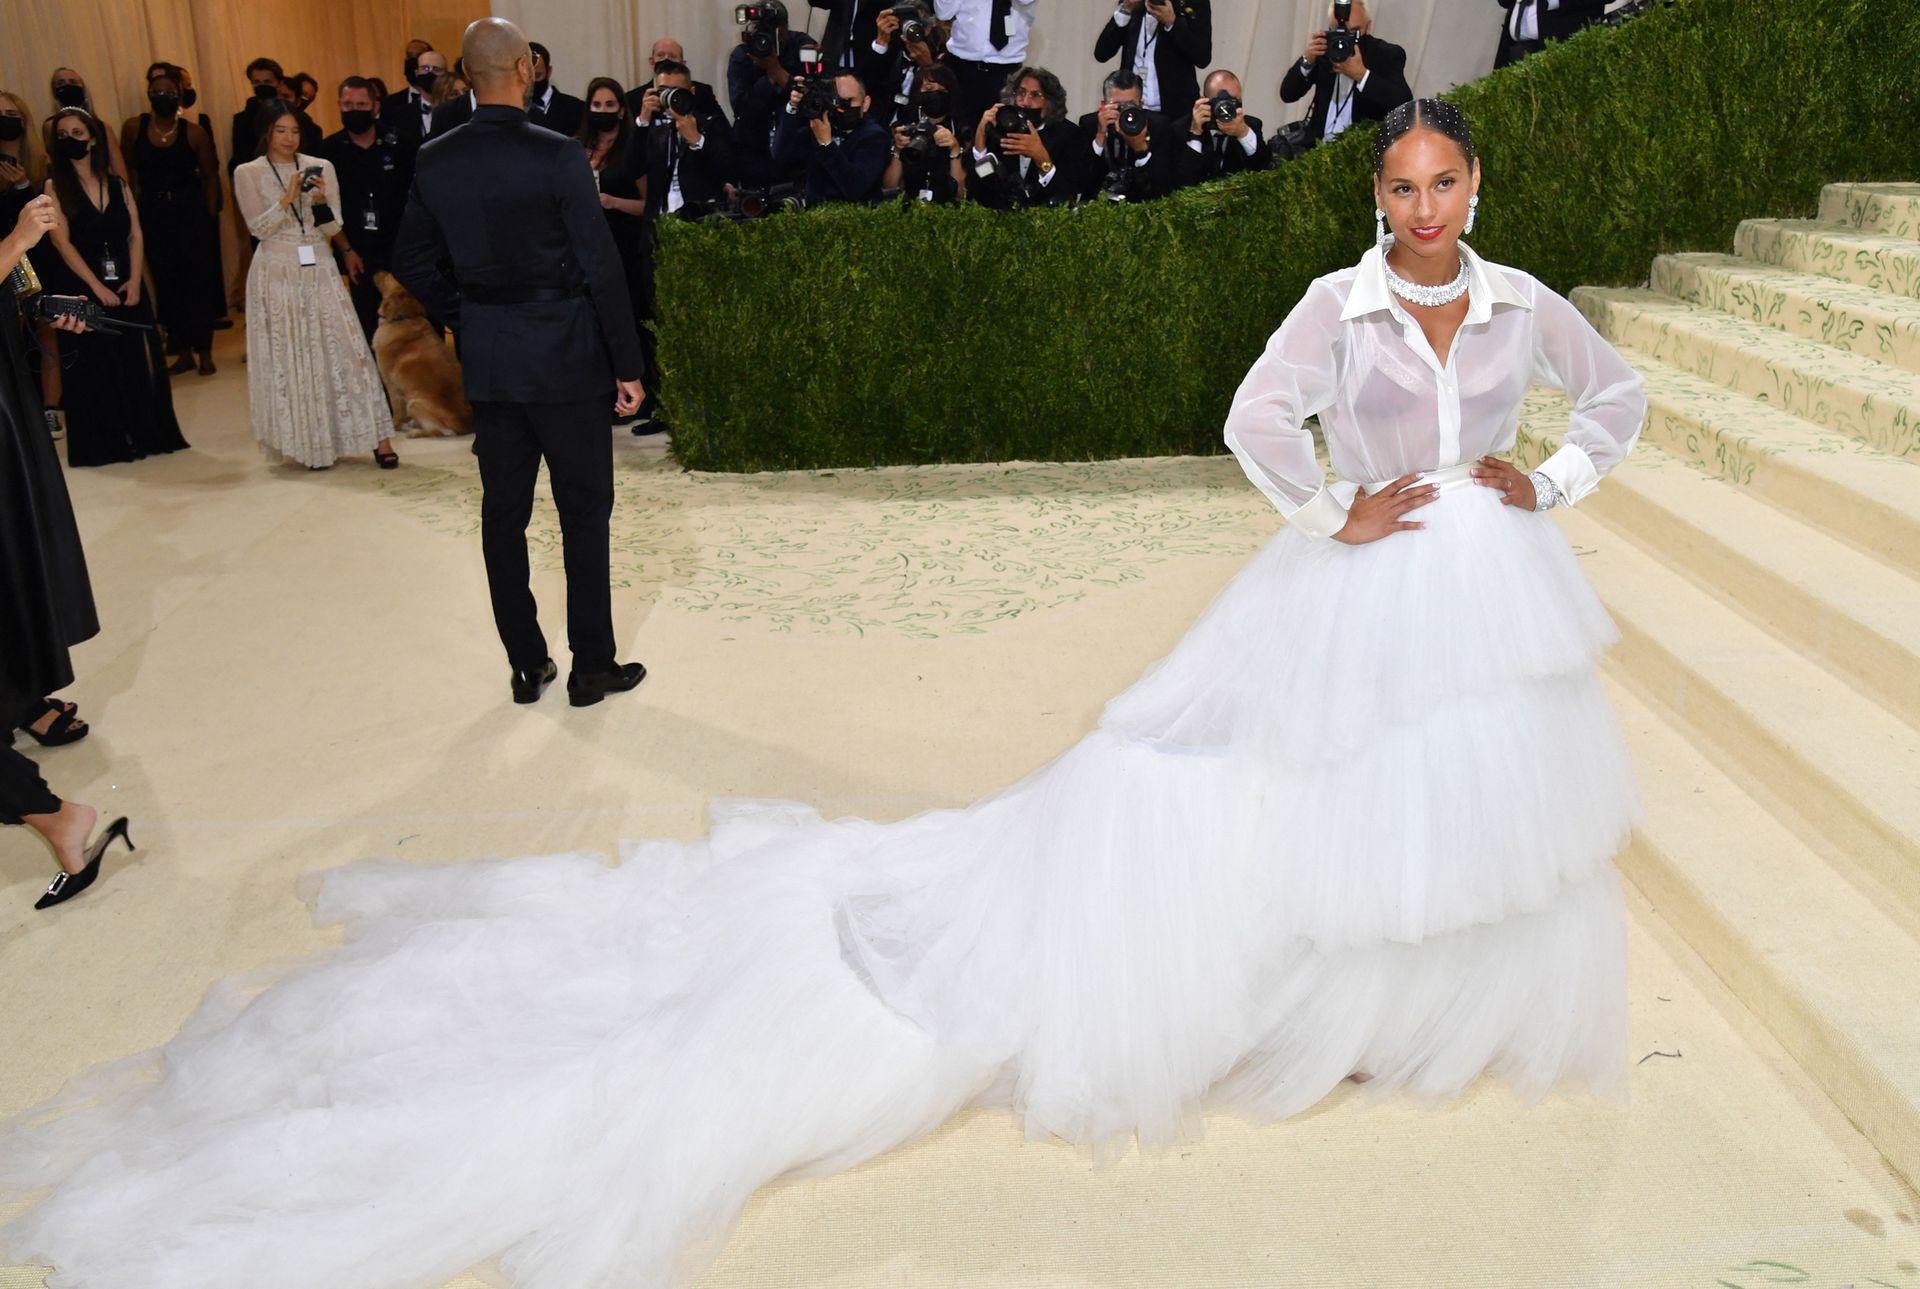 La cantante estadounidense Alicia Keys combinó una camisa transparente con una falda de gala blanca escalonada y grandes diamantes de Van Cleef & Arpels